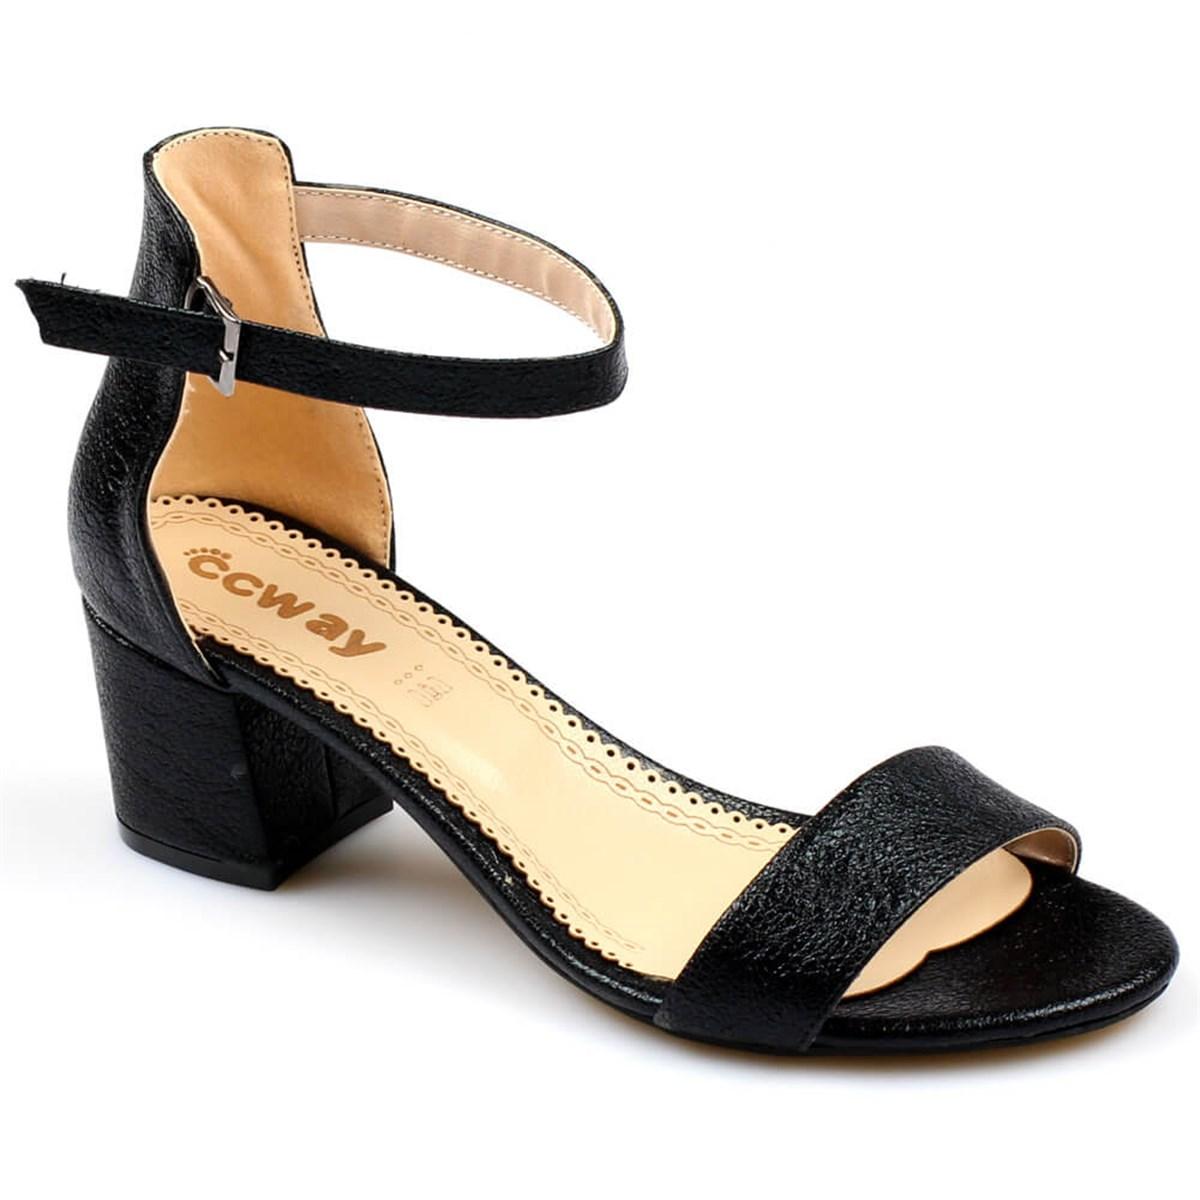 Kadının bitmeyen tutkusu ayakkabı!